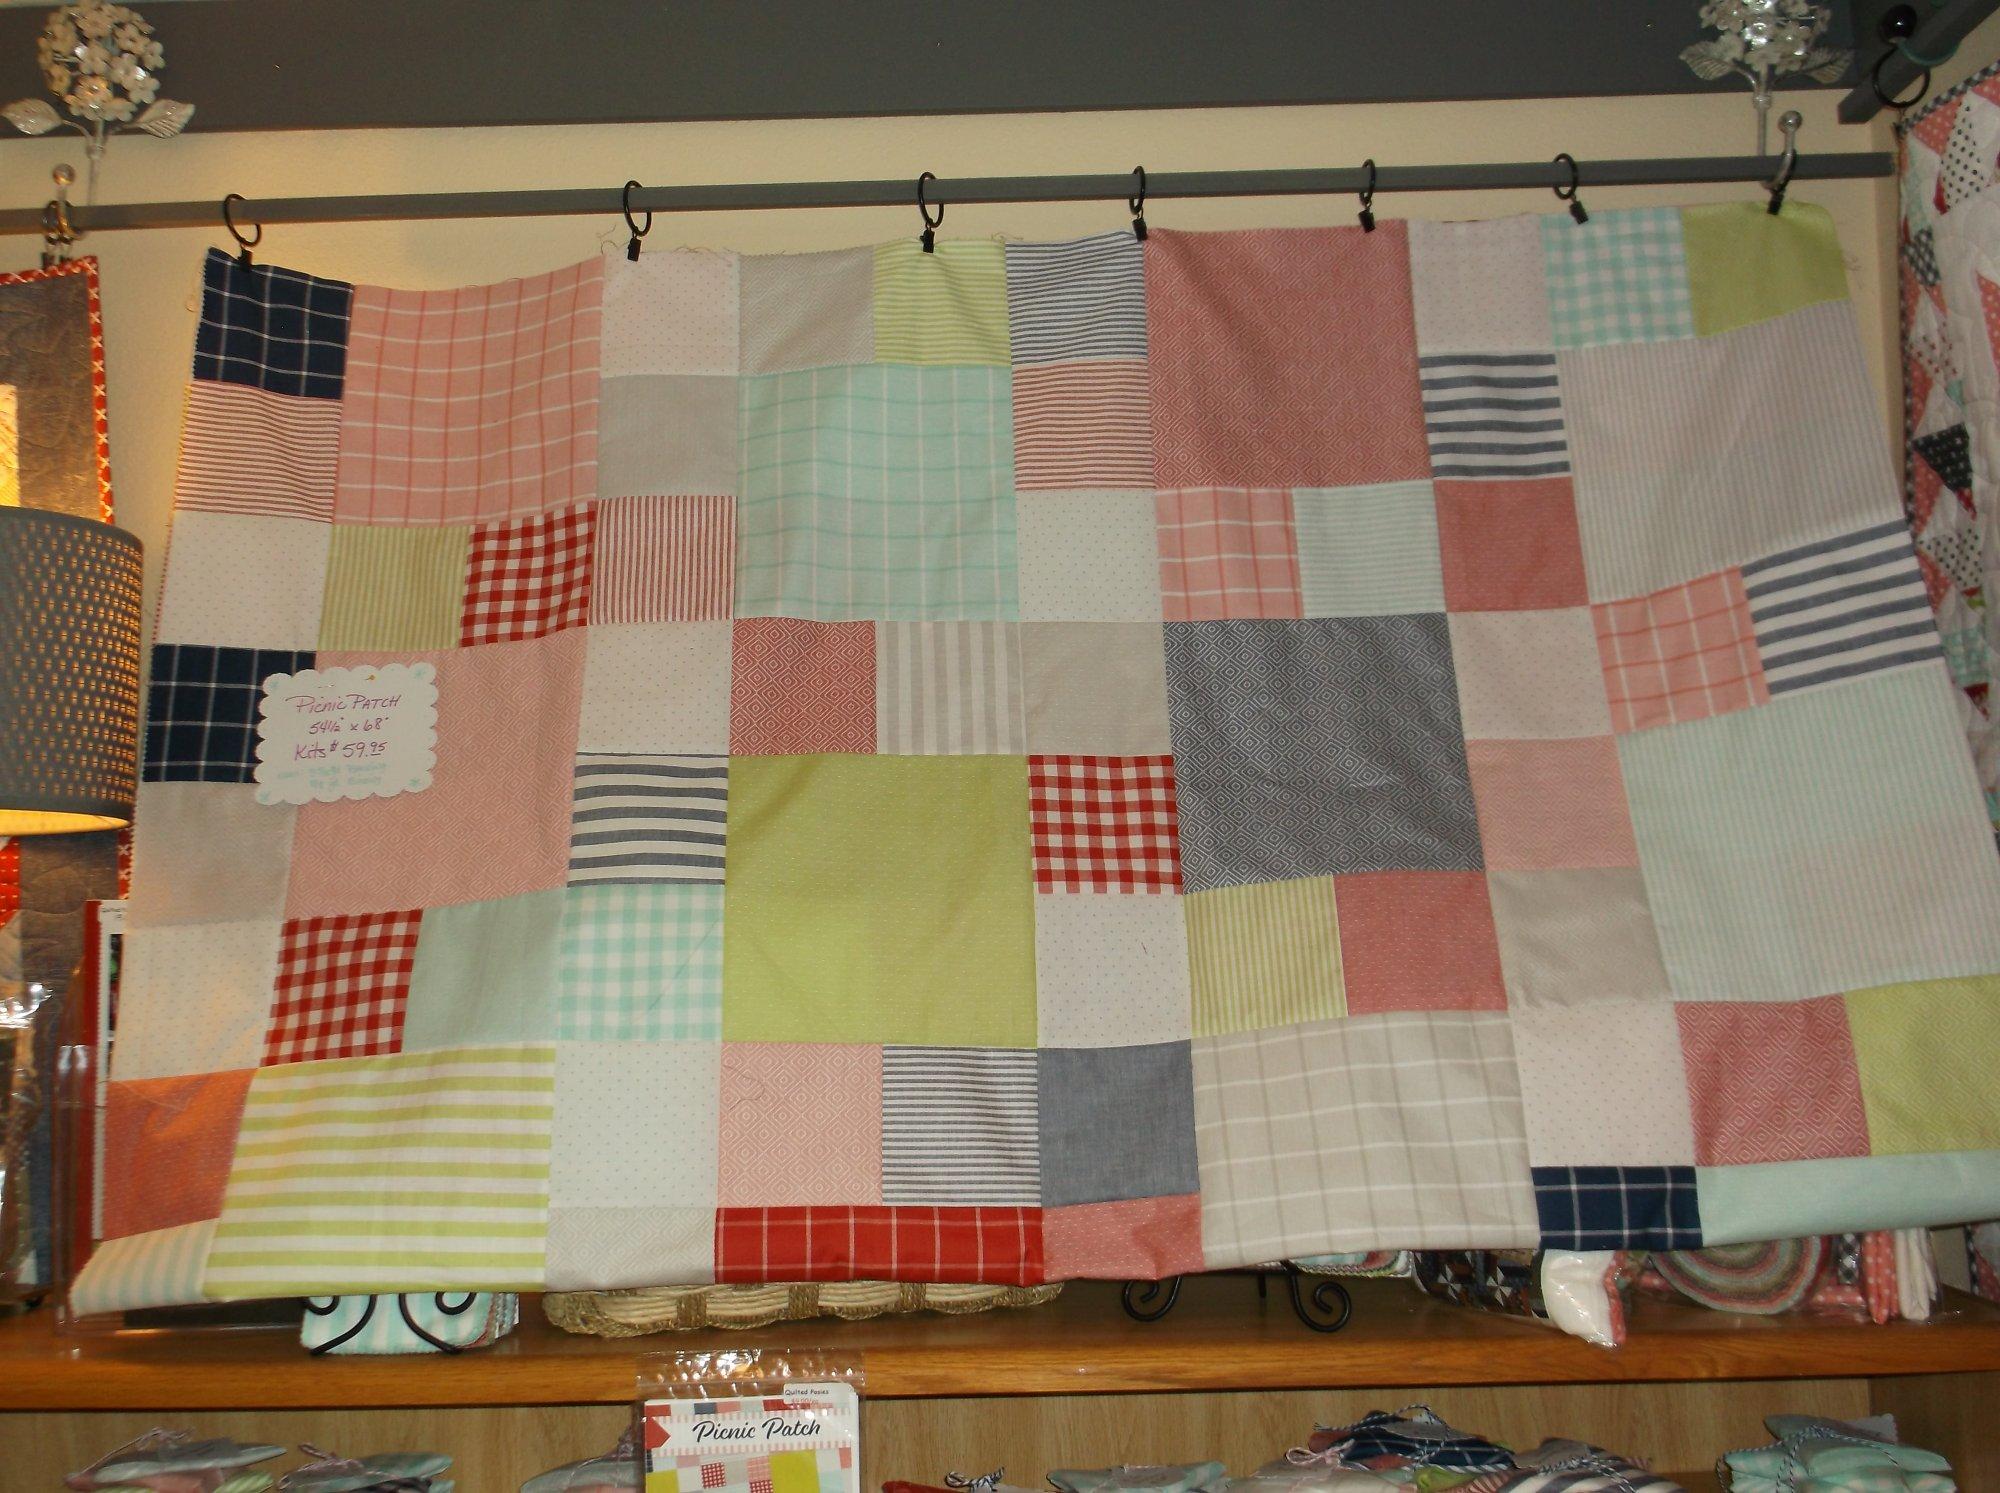 Picnic Patch quilt kit Bonnie & Camille Wovens